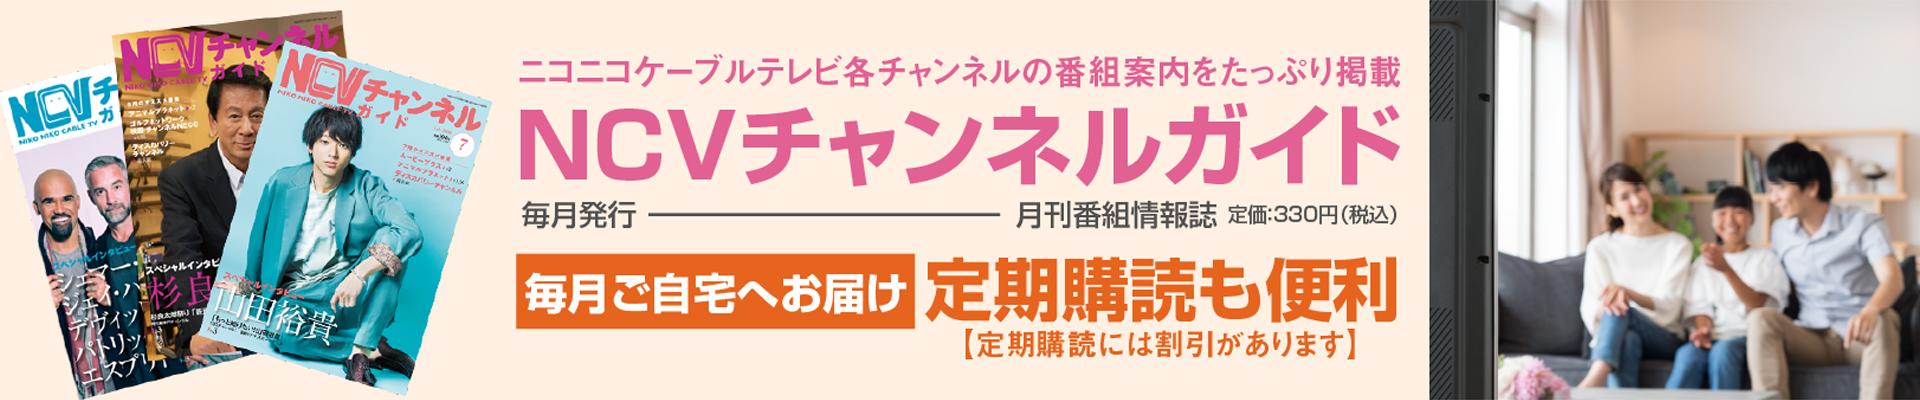 NCVチャンネルガイド